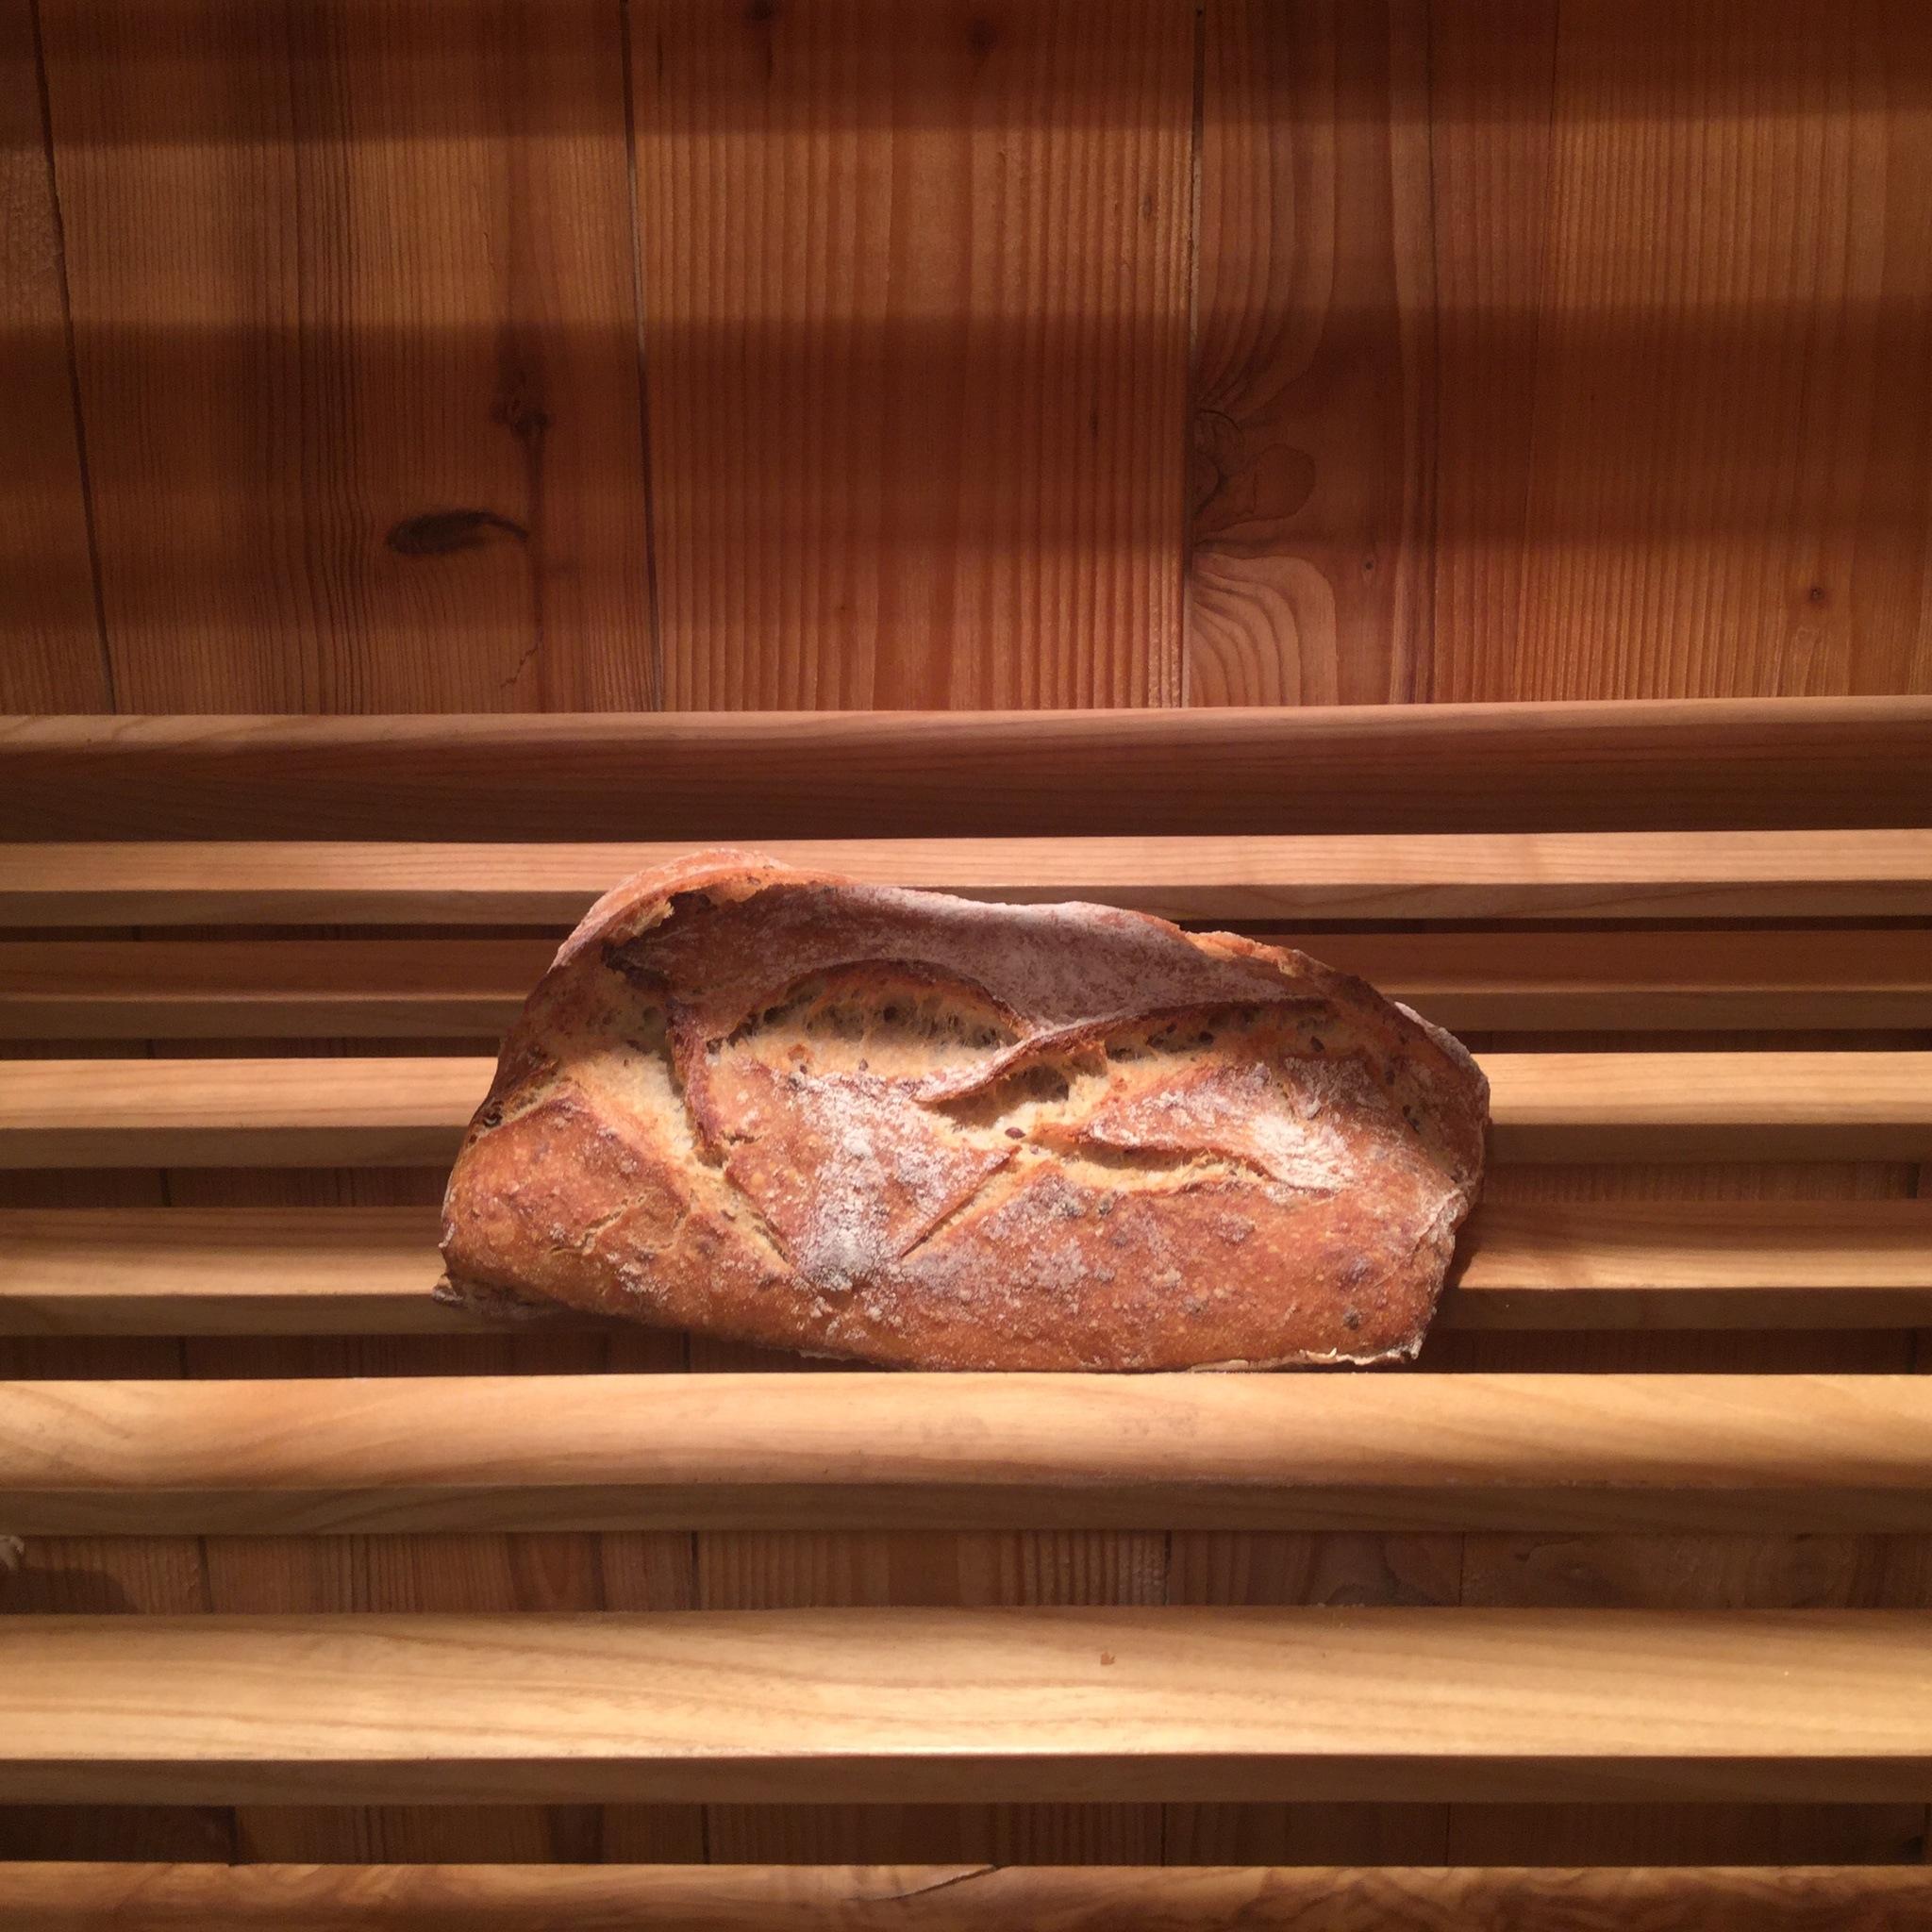 pave de savoie boulangerie patisserie meribel maison braissand